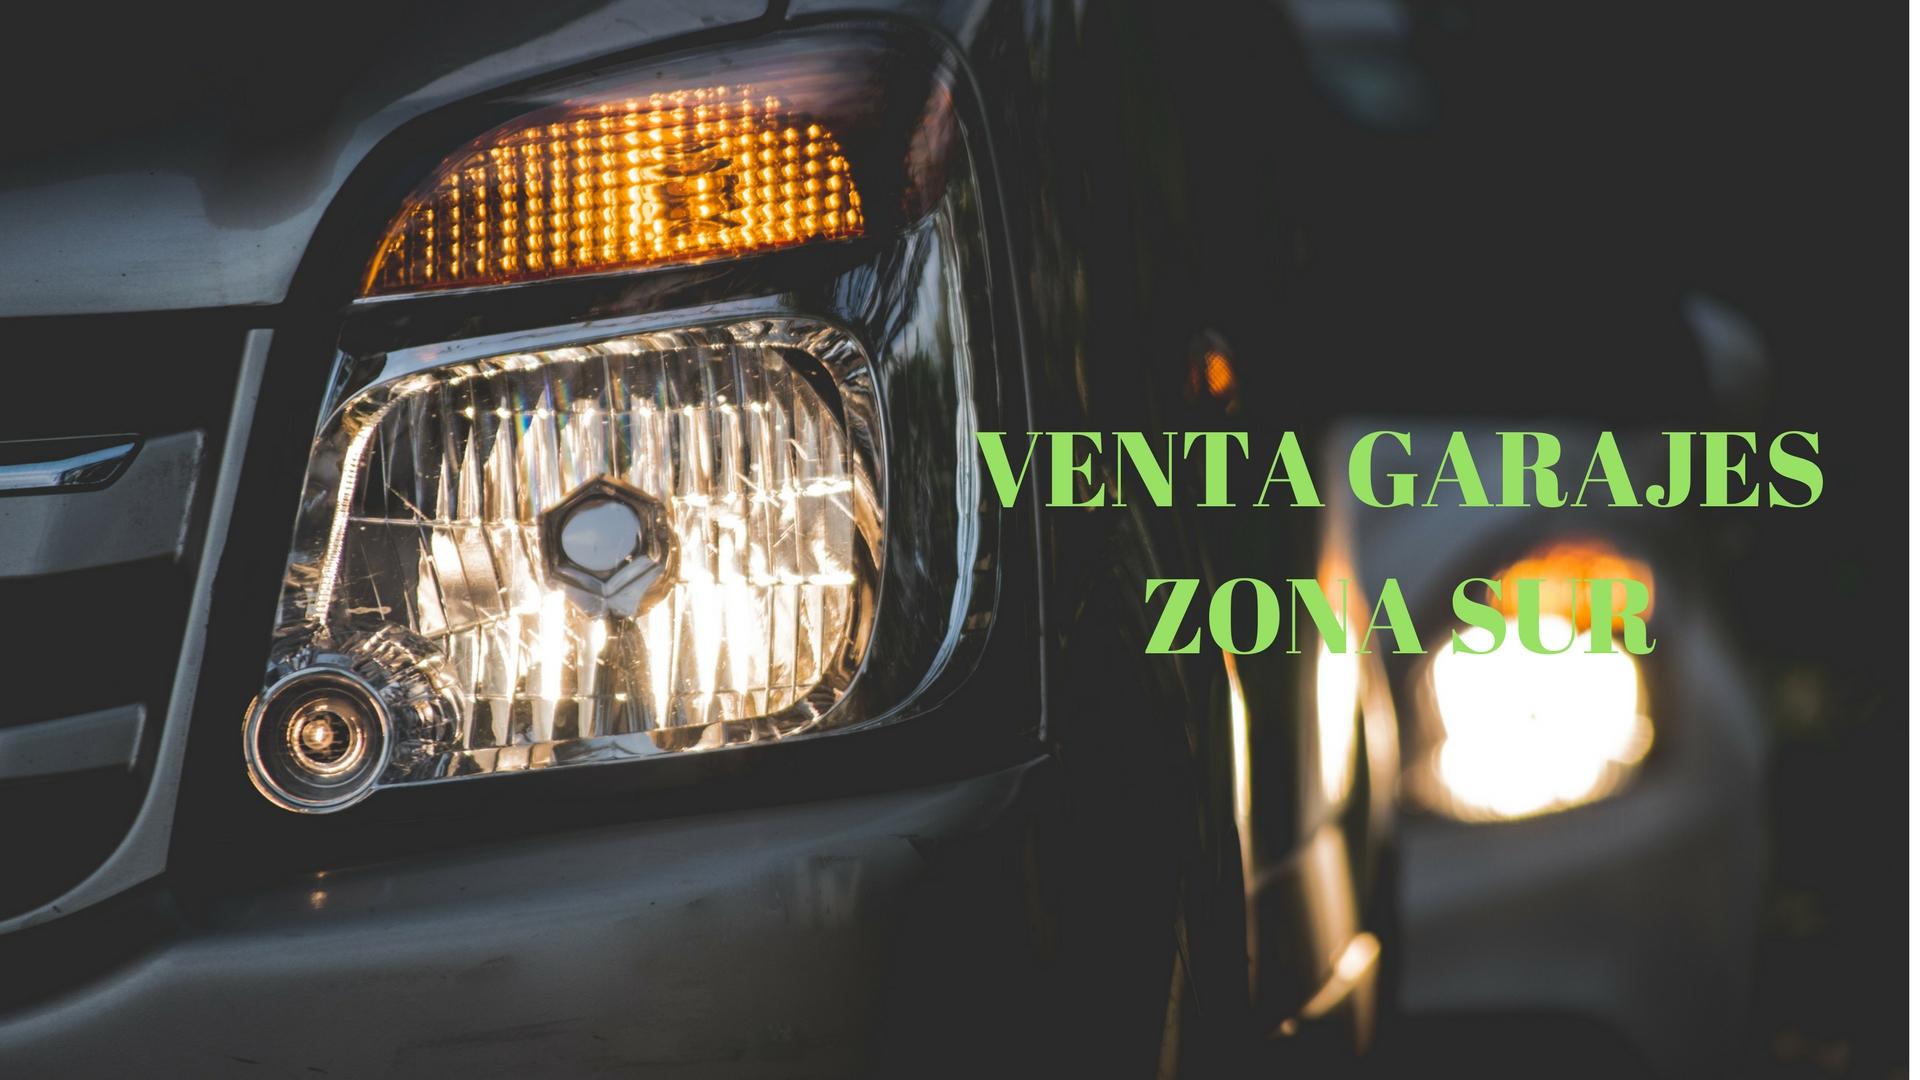 Se venden plazas de garaje – en zona sur de Lugo